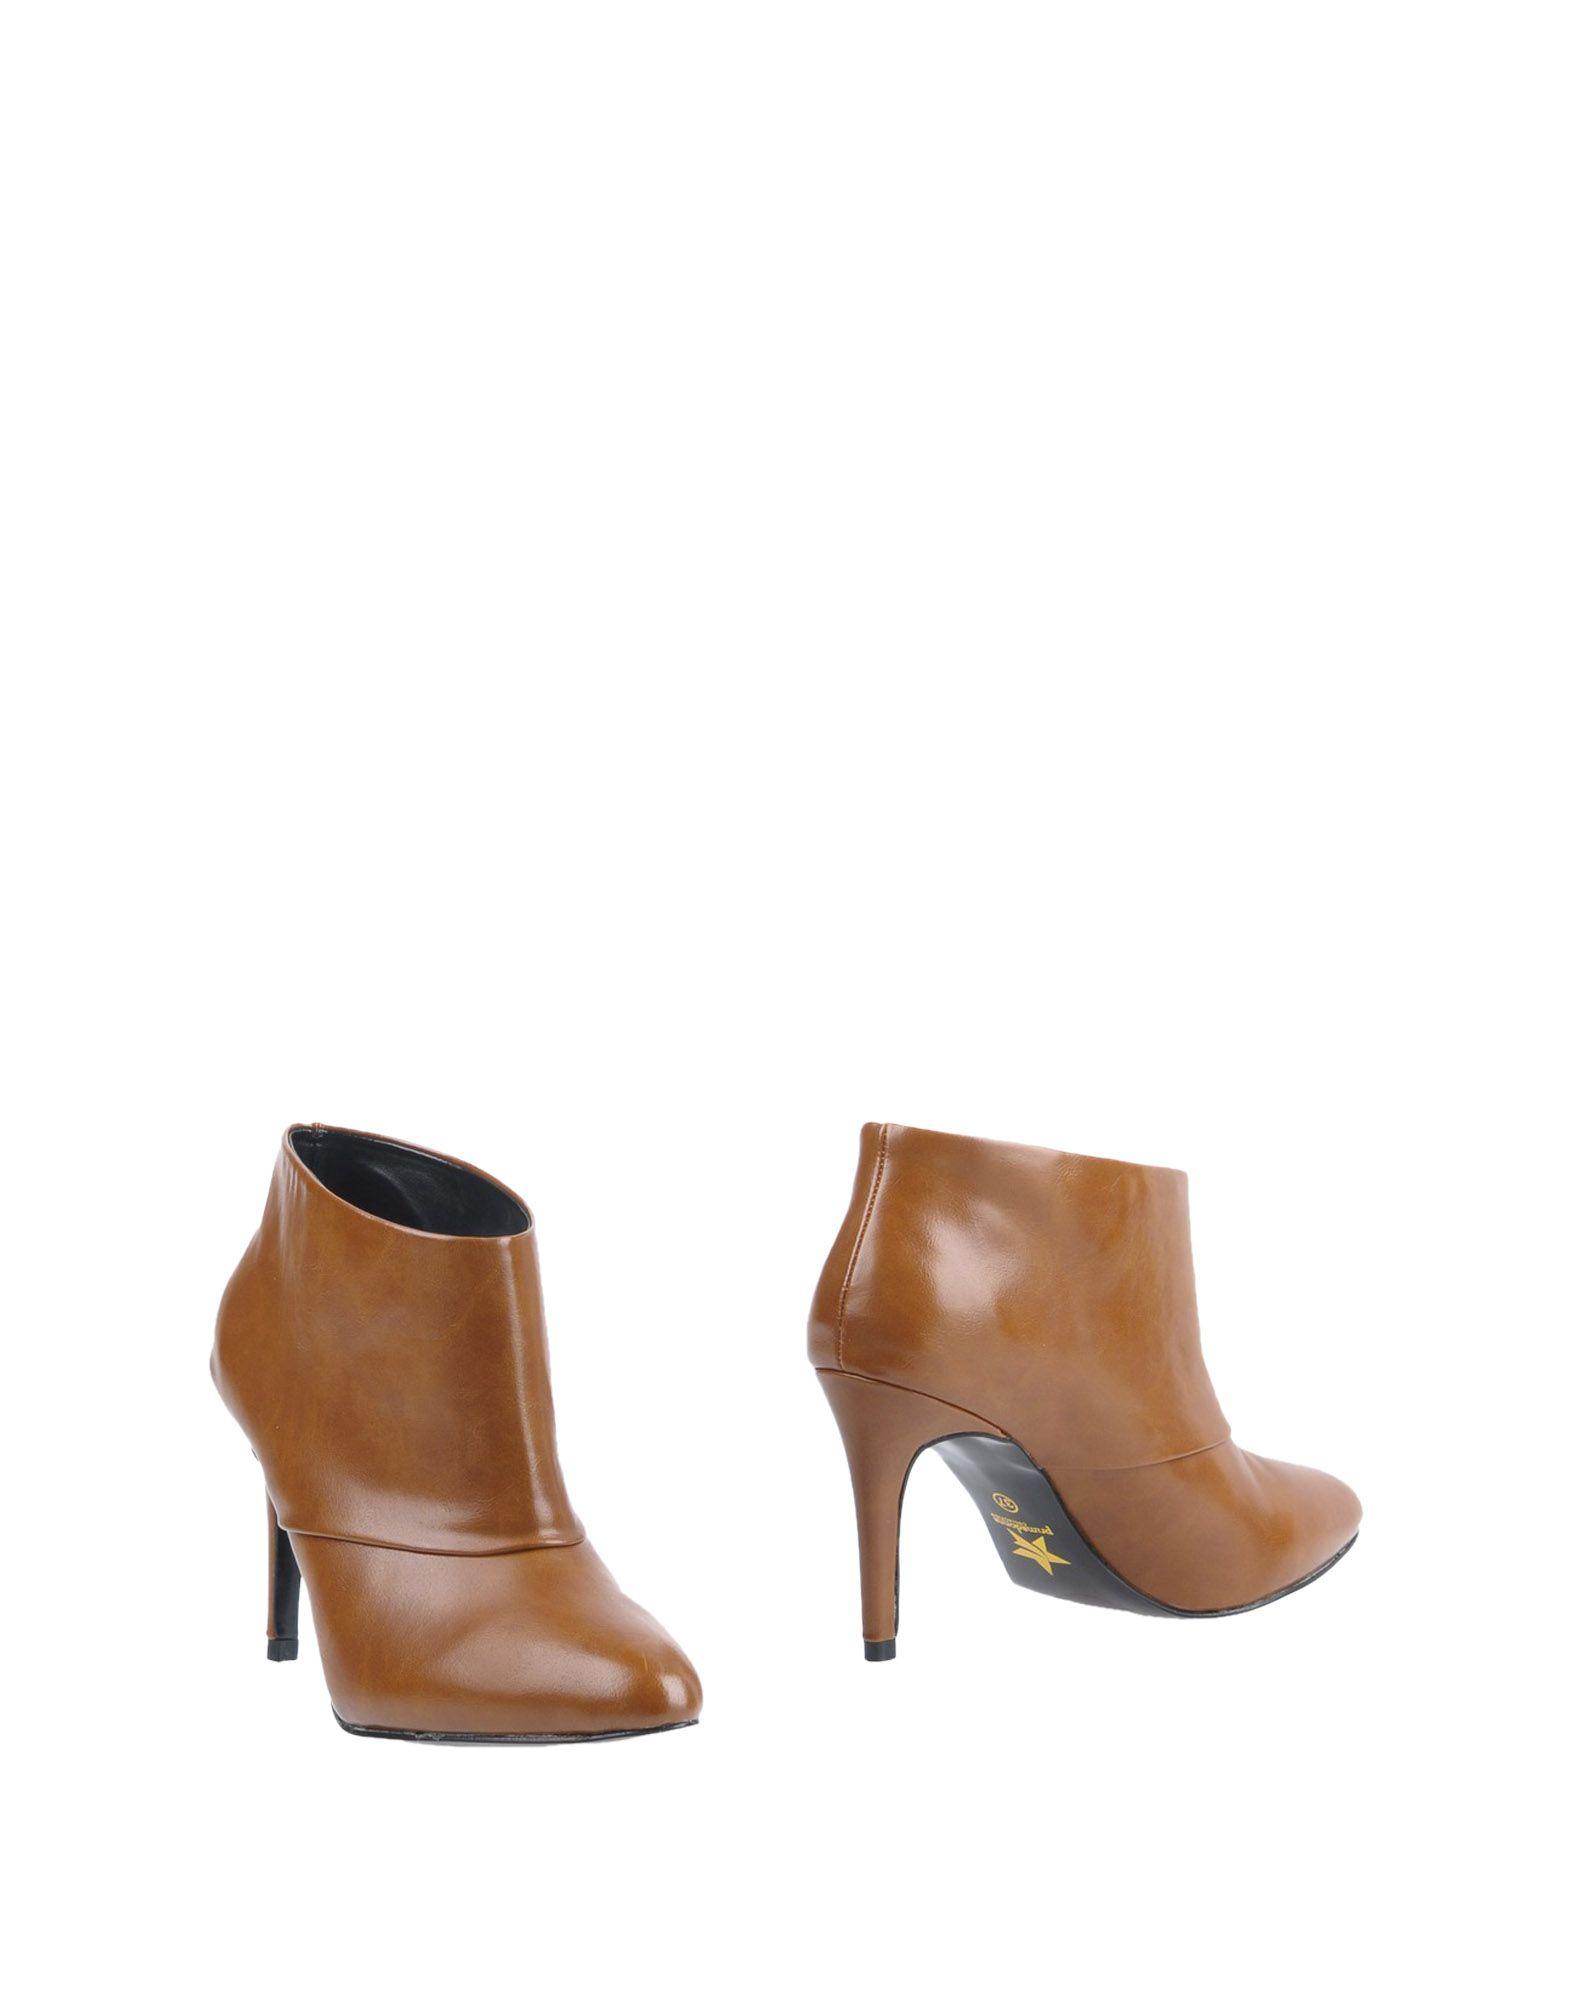 Bottine Primadonna Femme - Bottines pas Primadonna Marron Chaussures femme pas Bottines cher homme et femme 6d07b9